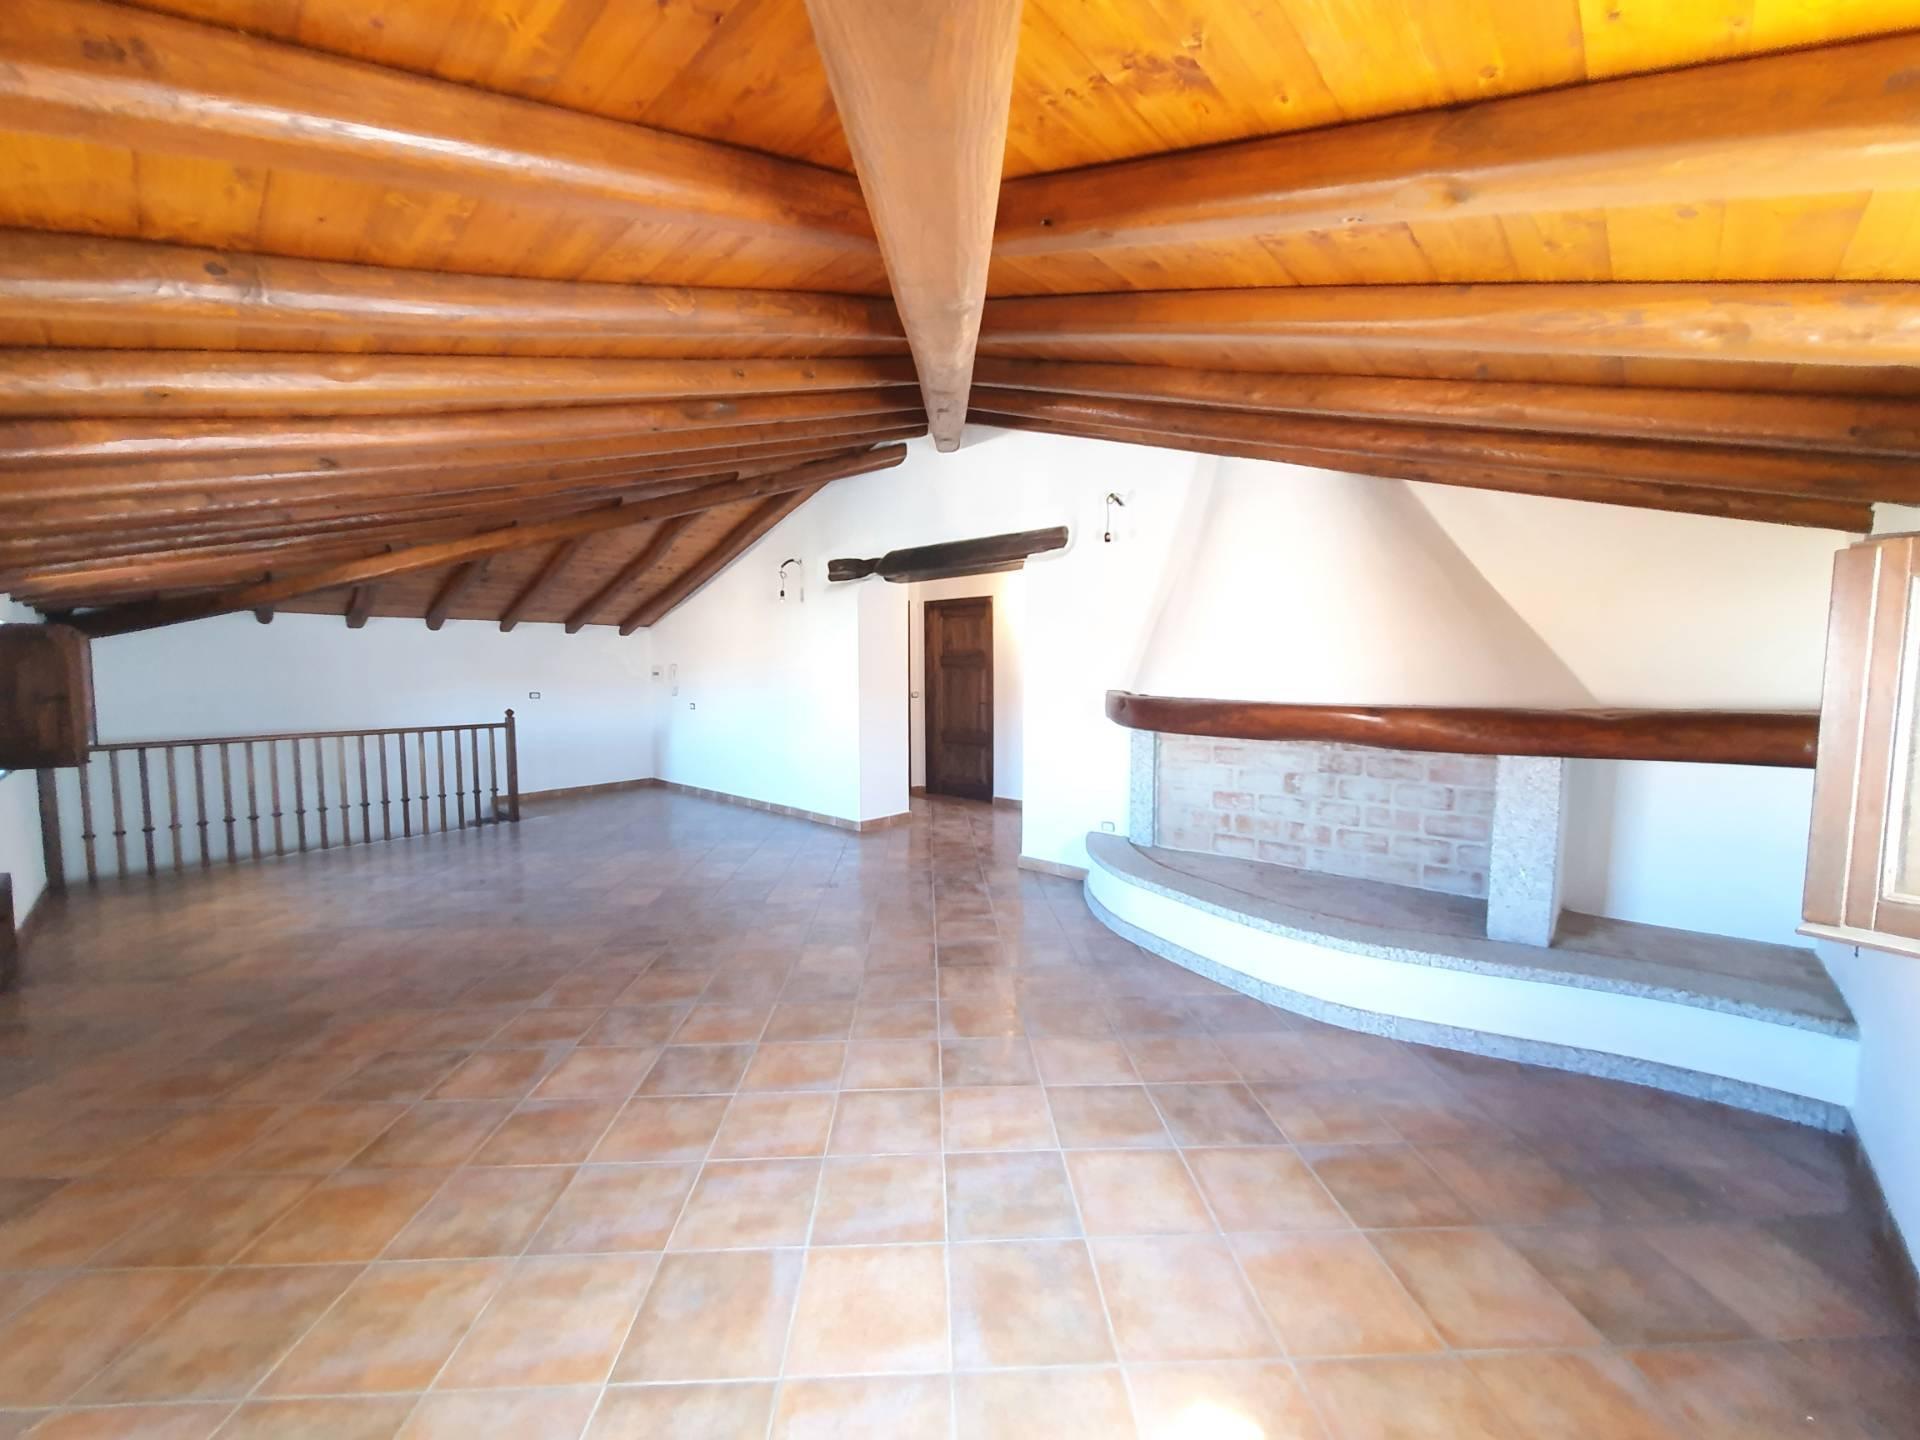 Appartamento in vendita a Tortolì, 3 locali, prezzo € 150.000 | PortaleAgenzieImmobiliari.it